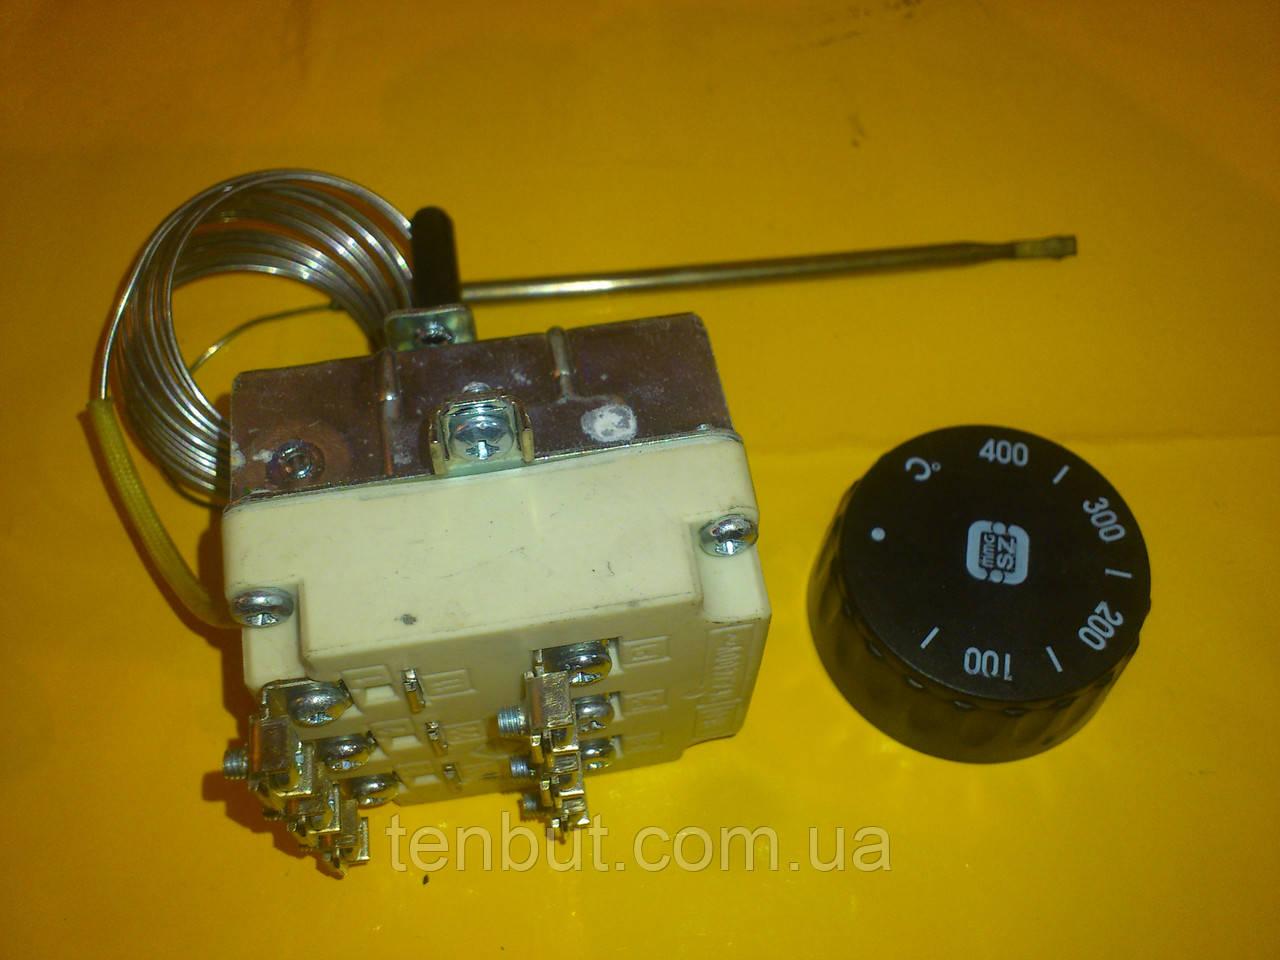 Терморегулятор MMG - 400 ℃ / 3-х полюсний капілярний 2.2 м. виробництво Угорщина